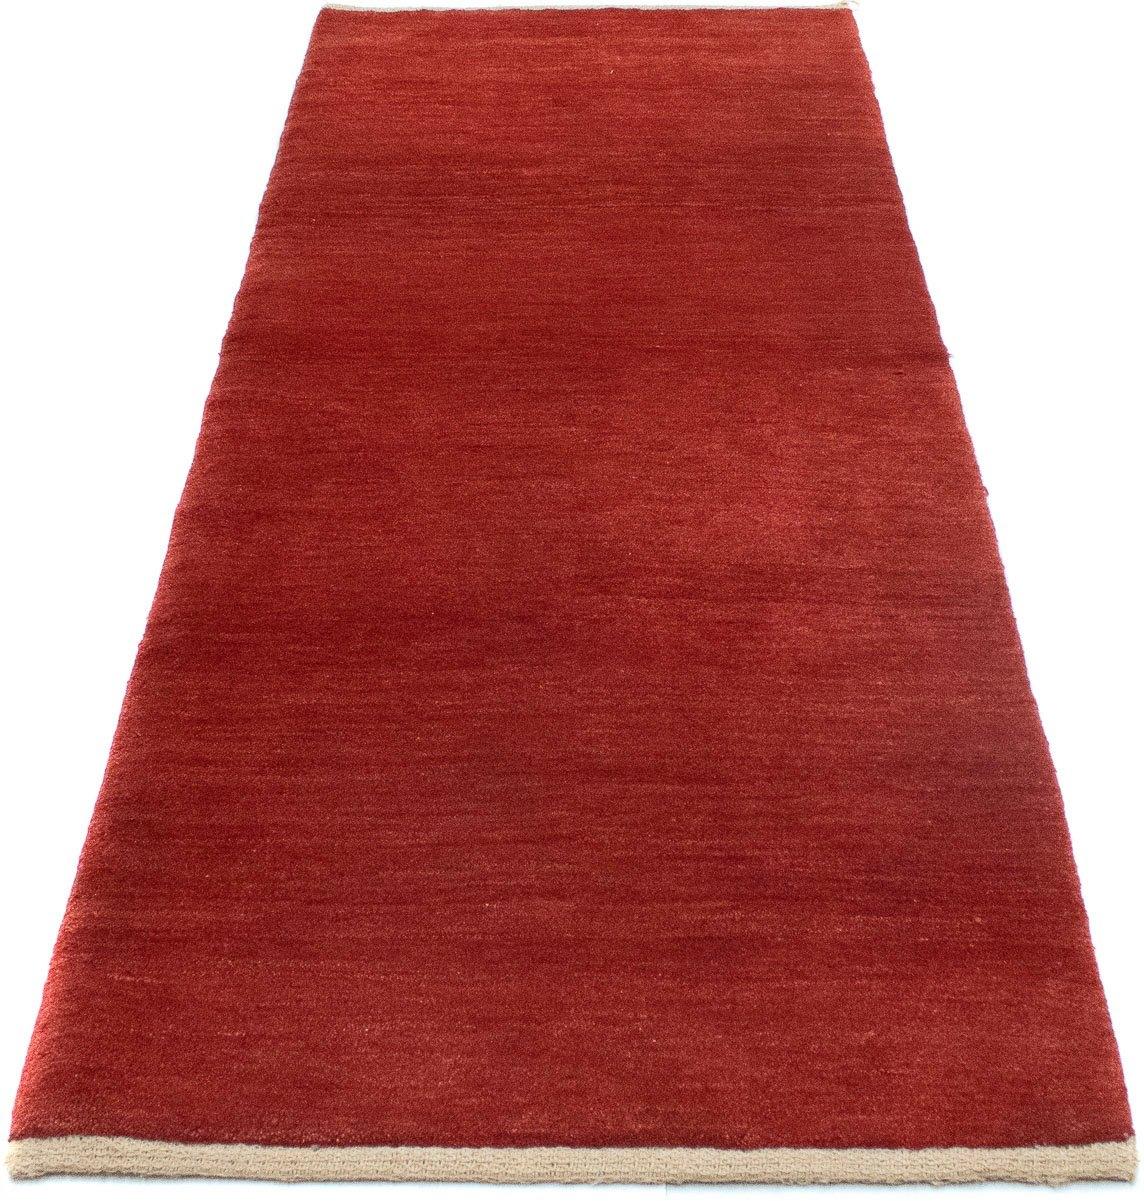 morgenland wollen kleed Gabbeh-kleed met de hand geknoopt rood handgeknoopt - gratis ruilen op otto.nl